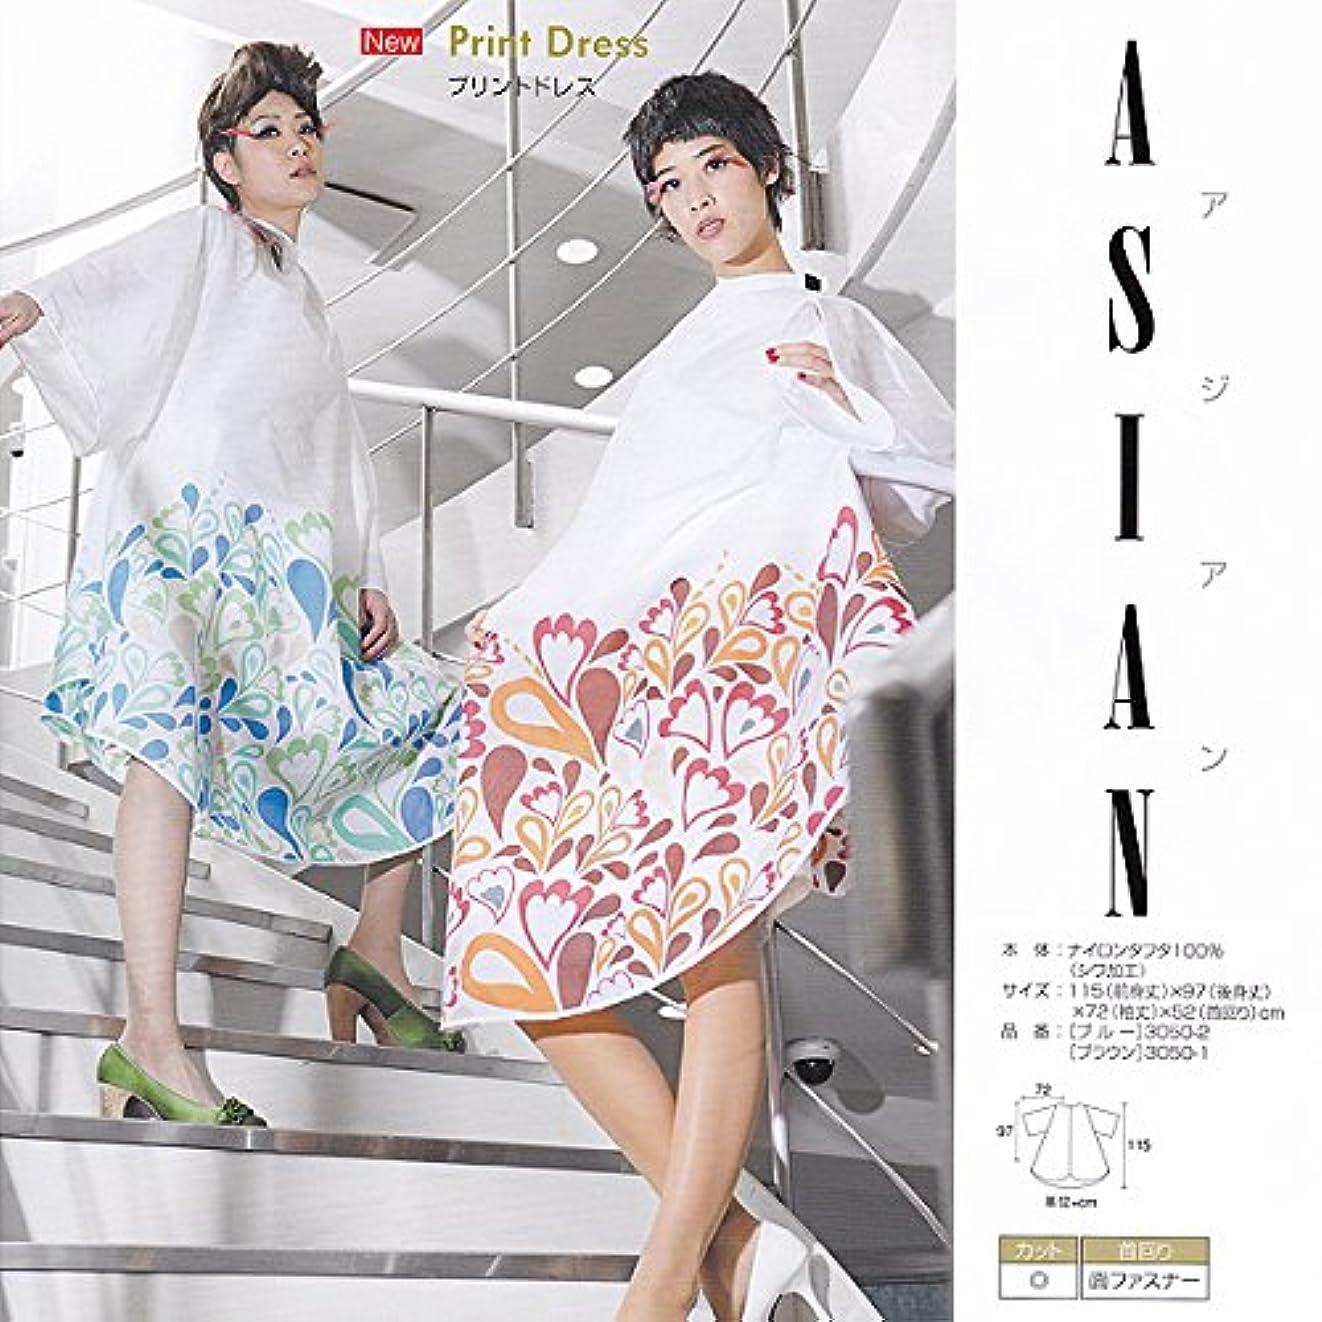 差し控える破壊的なセンチメートルWAKO ASIAN アジアンプリントドレス №3050 3050-2(アジアンブルー) 115(前身丈)×97(後身丈)×72(袖丈)×52(首回リ)